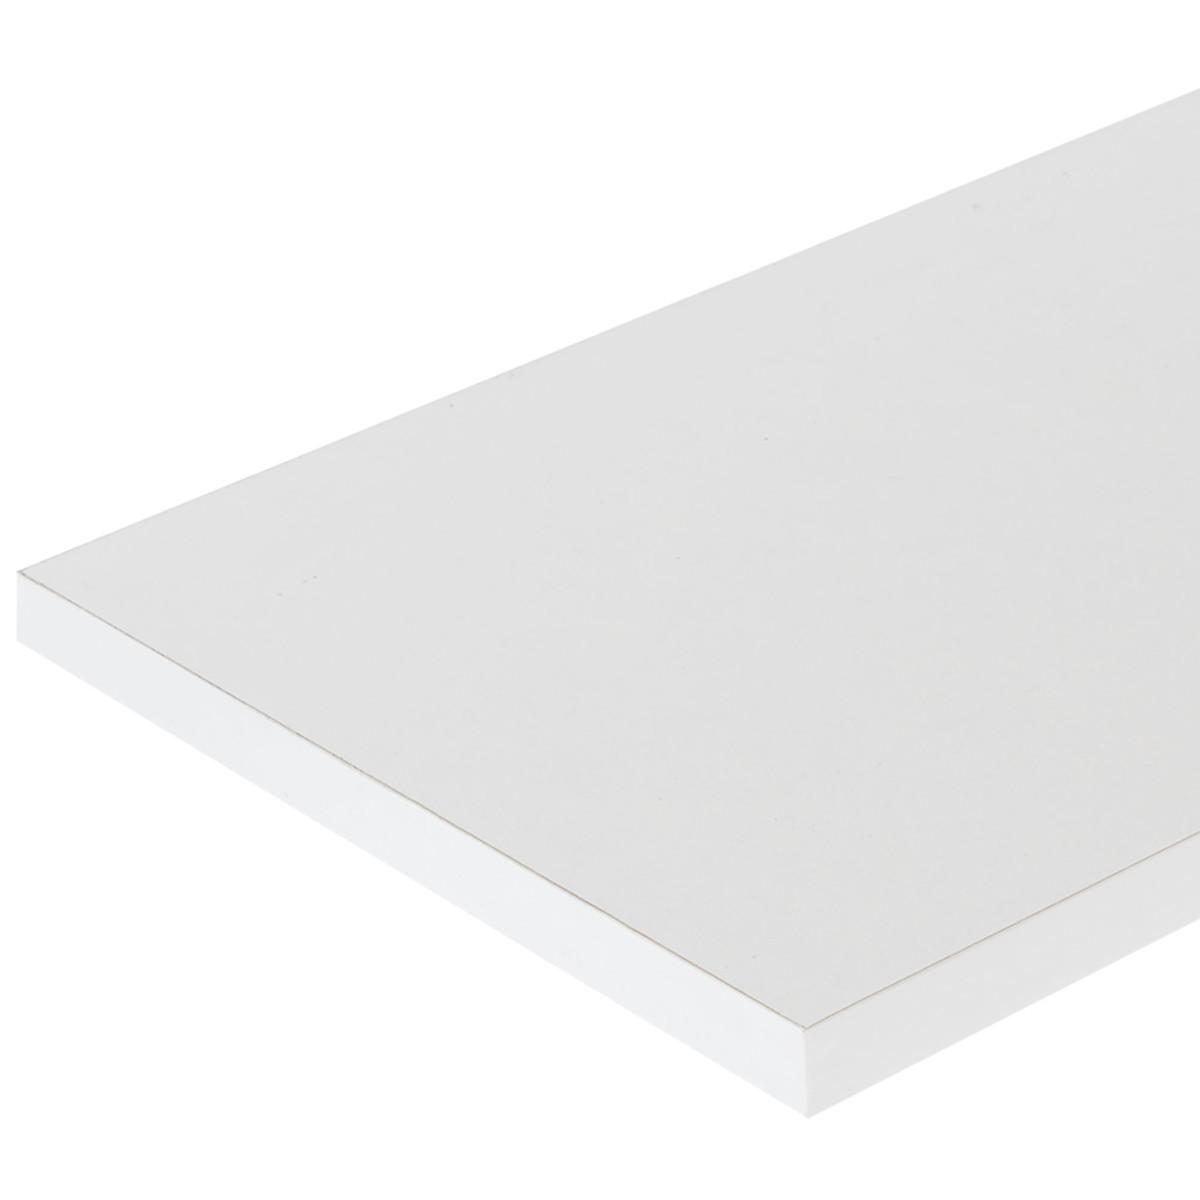 Деталь мебельная 2700х100x16 мм ЛДСП цвет белый кромка с длинных сторон